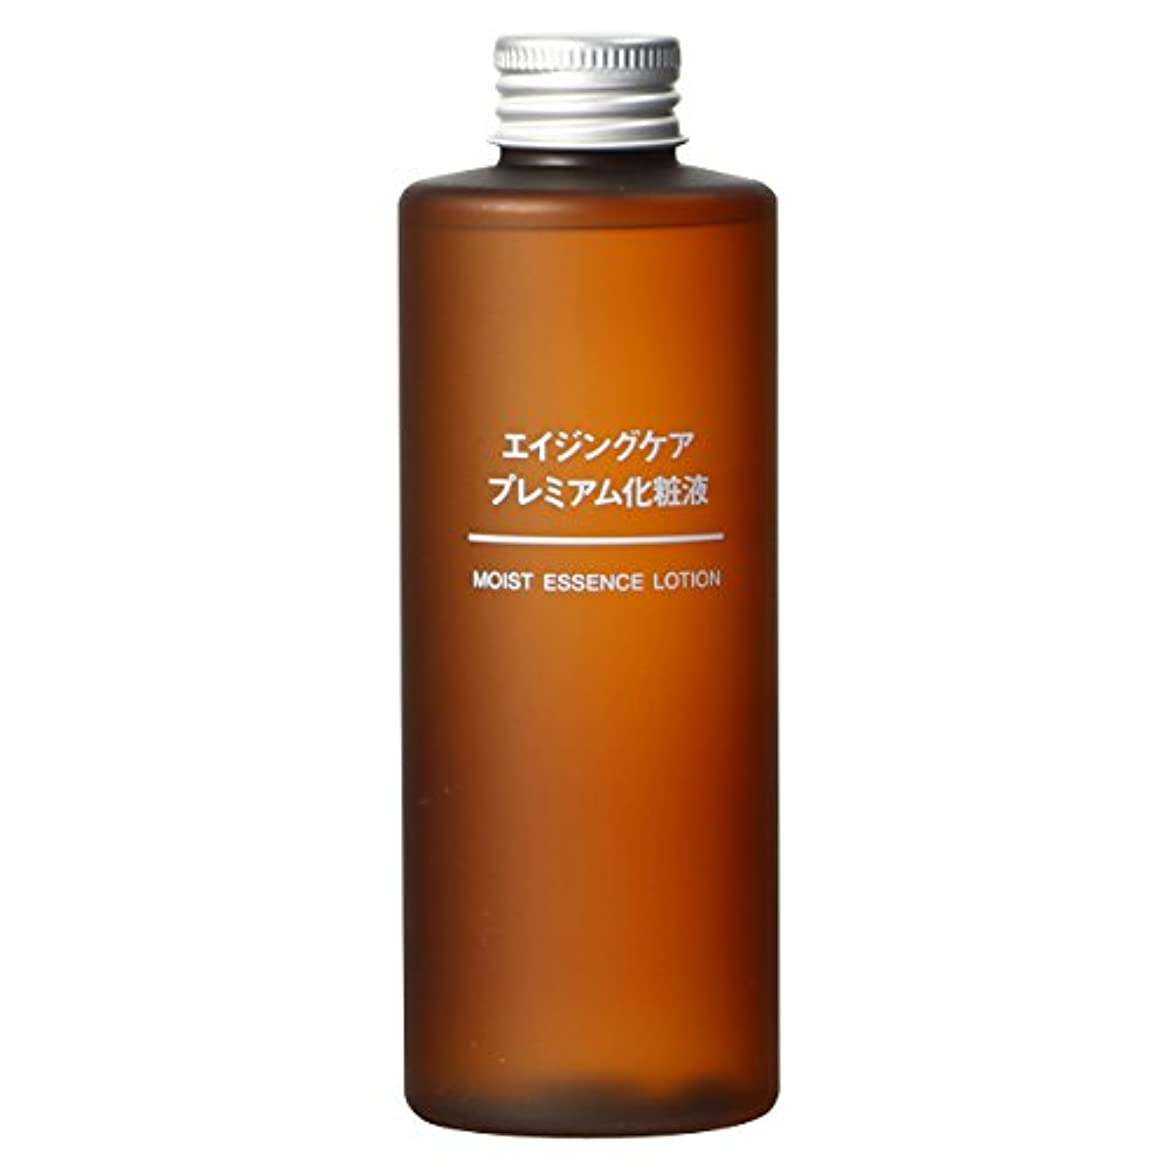 無印良品 エイジングケアプレミアム化粧液 200ml